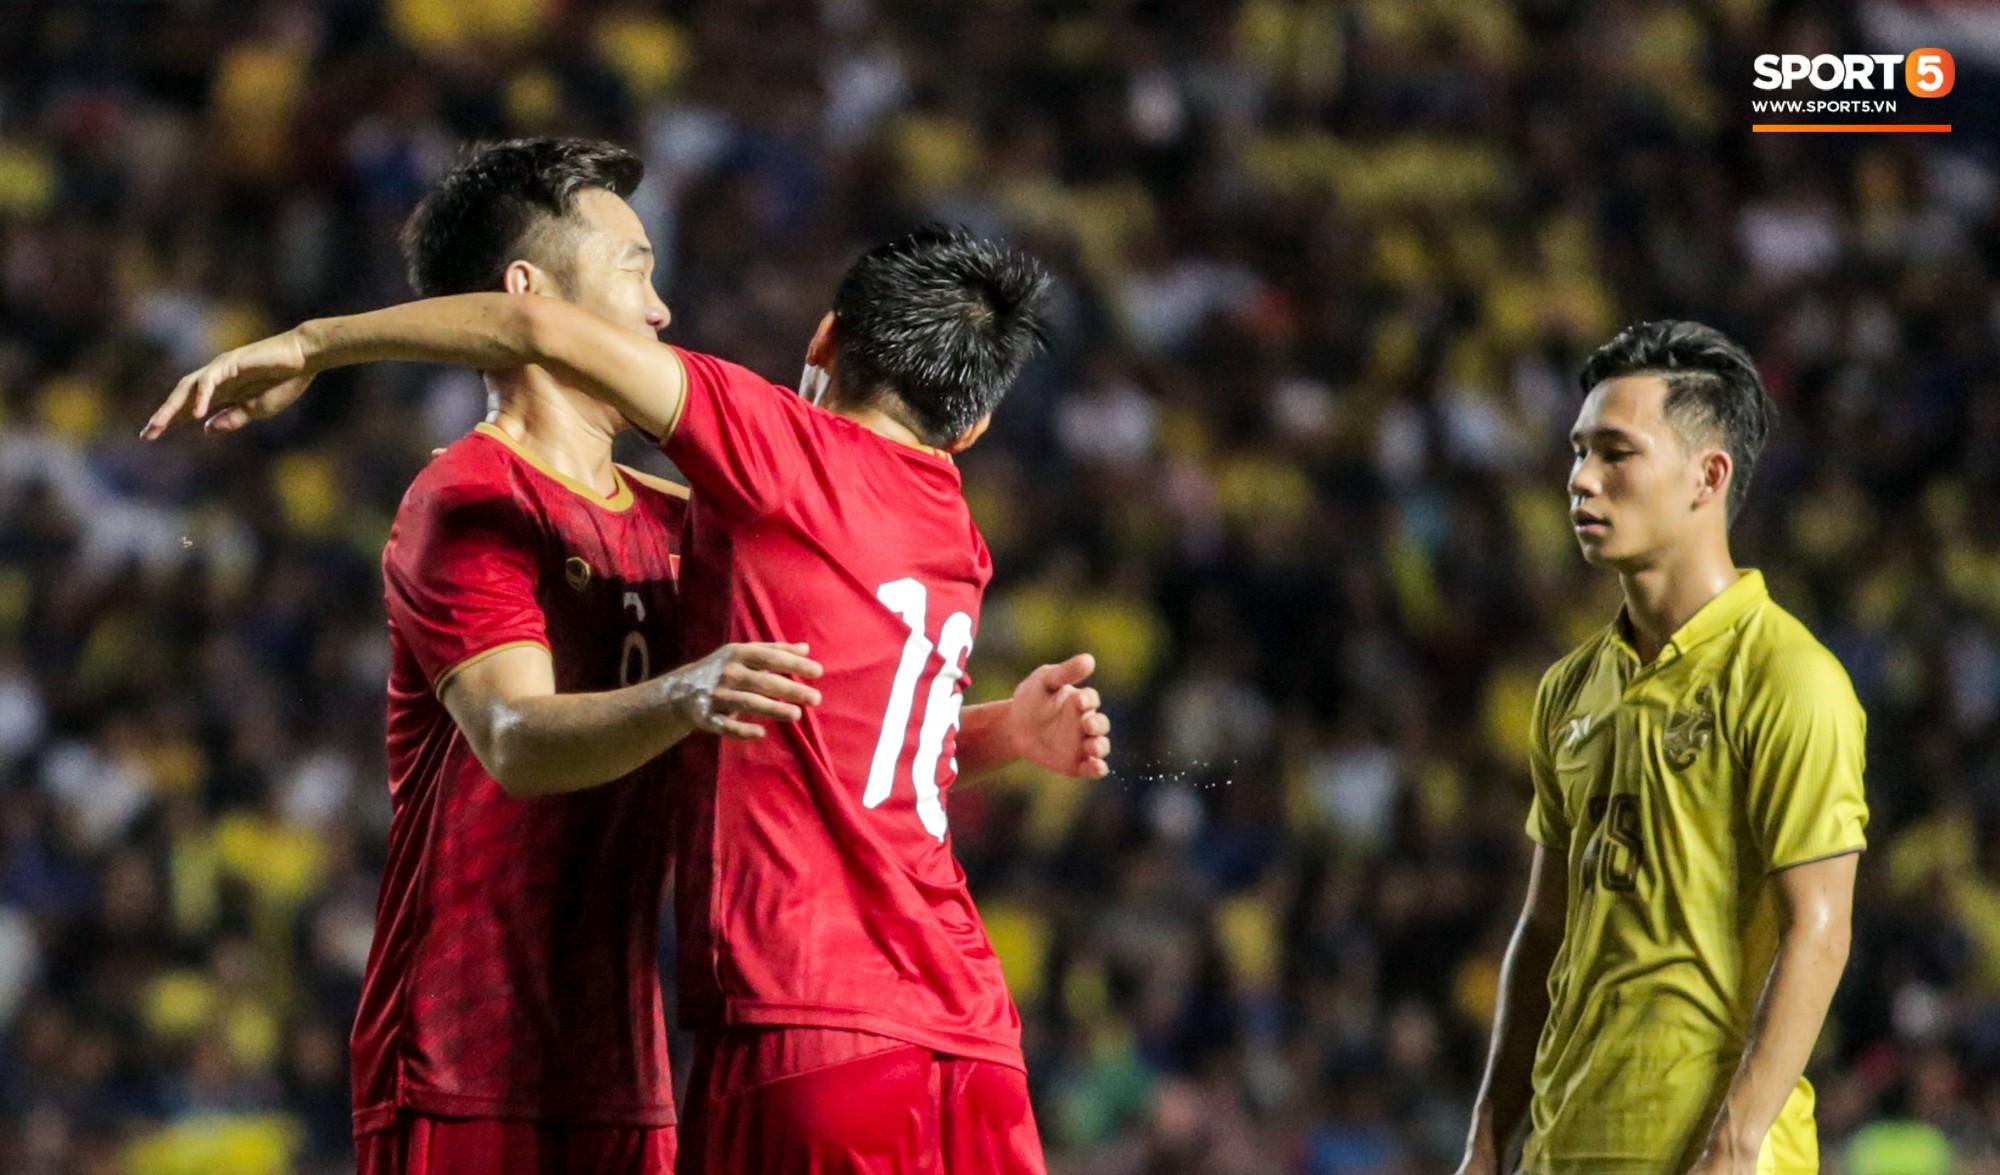 Hài hước: Tiền vệ tuyển Việt Nam bị trọng tài xin lại bụng bầu sau màn ăn mừng kinh điển - Ảnh 7.